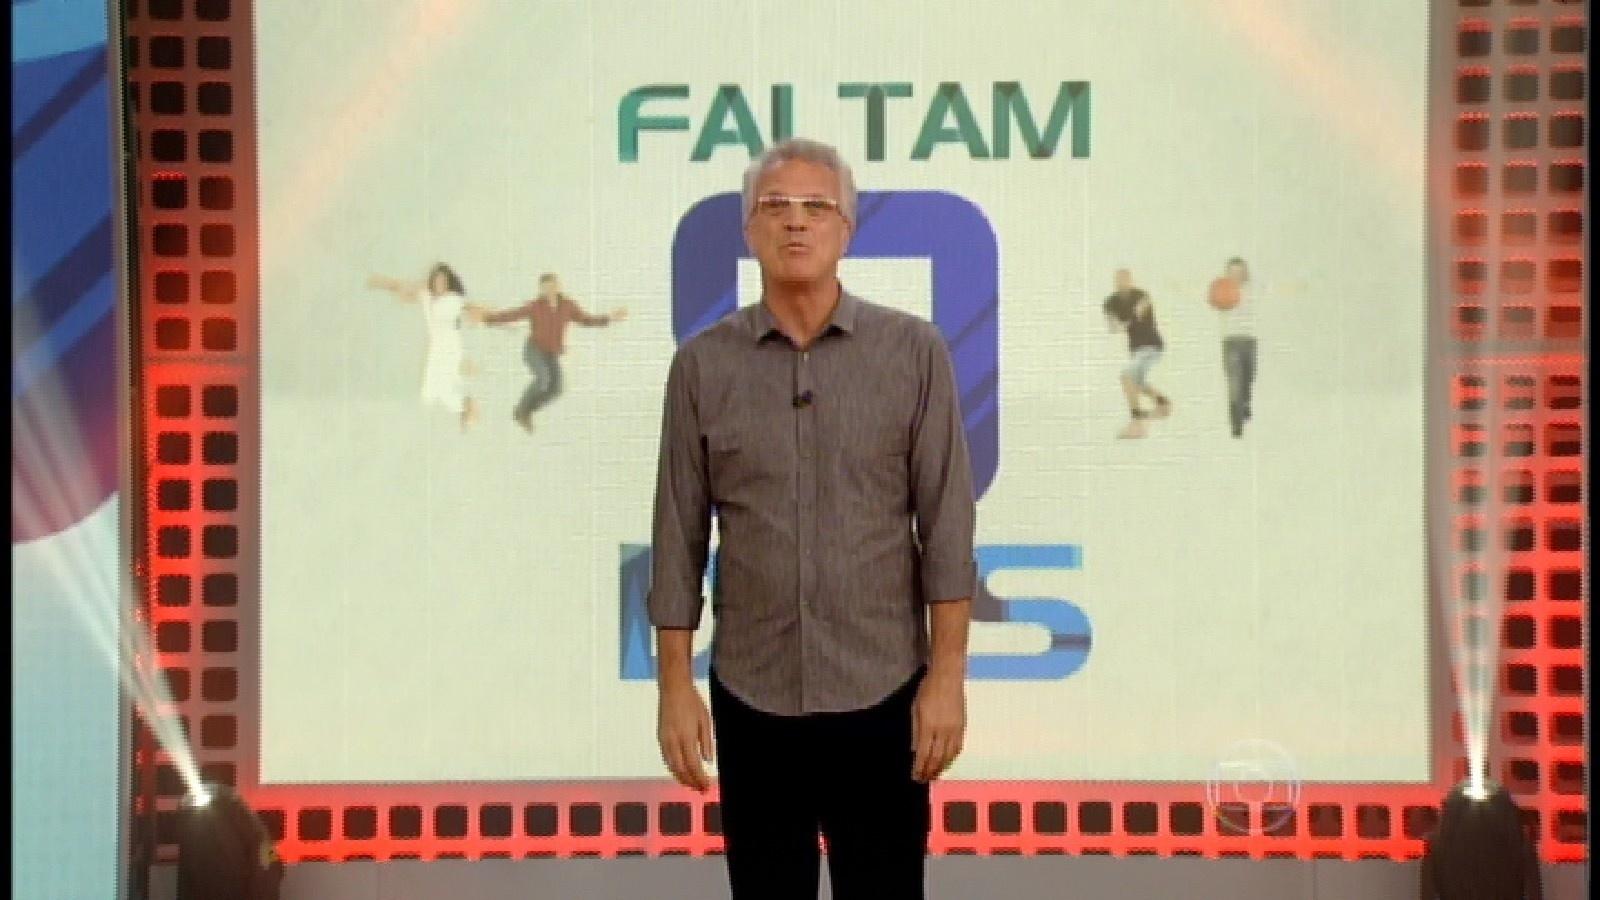 29.mar.2015 - Ao iniciar o programa que formará o 10º paredão, Pedro Bial anuncia que faltam 9 dias para a final do programa